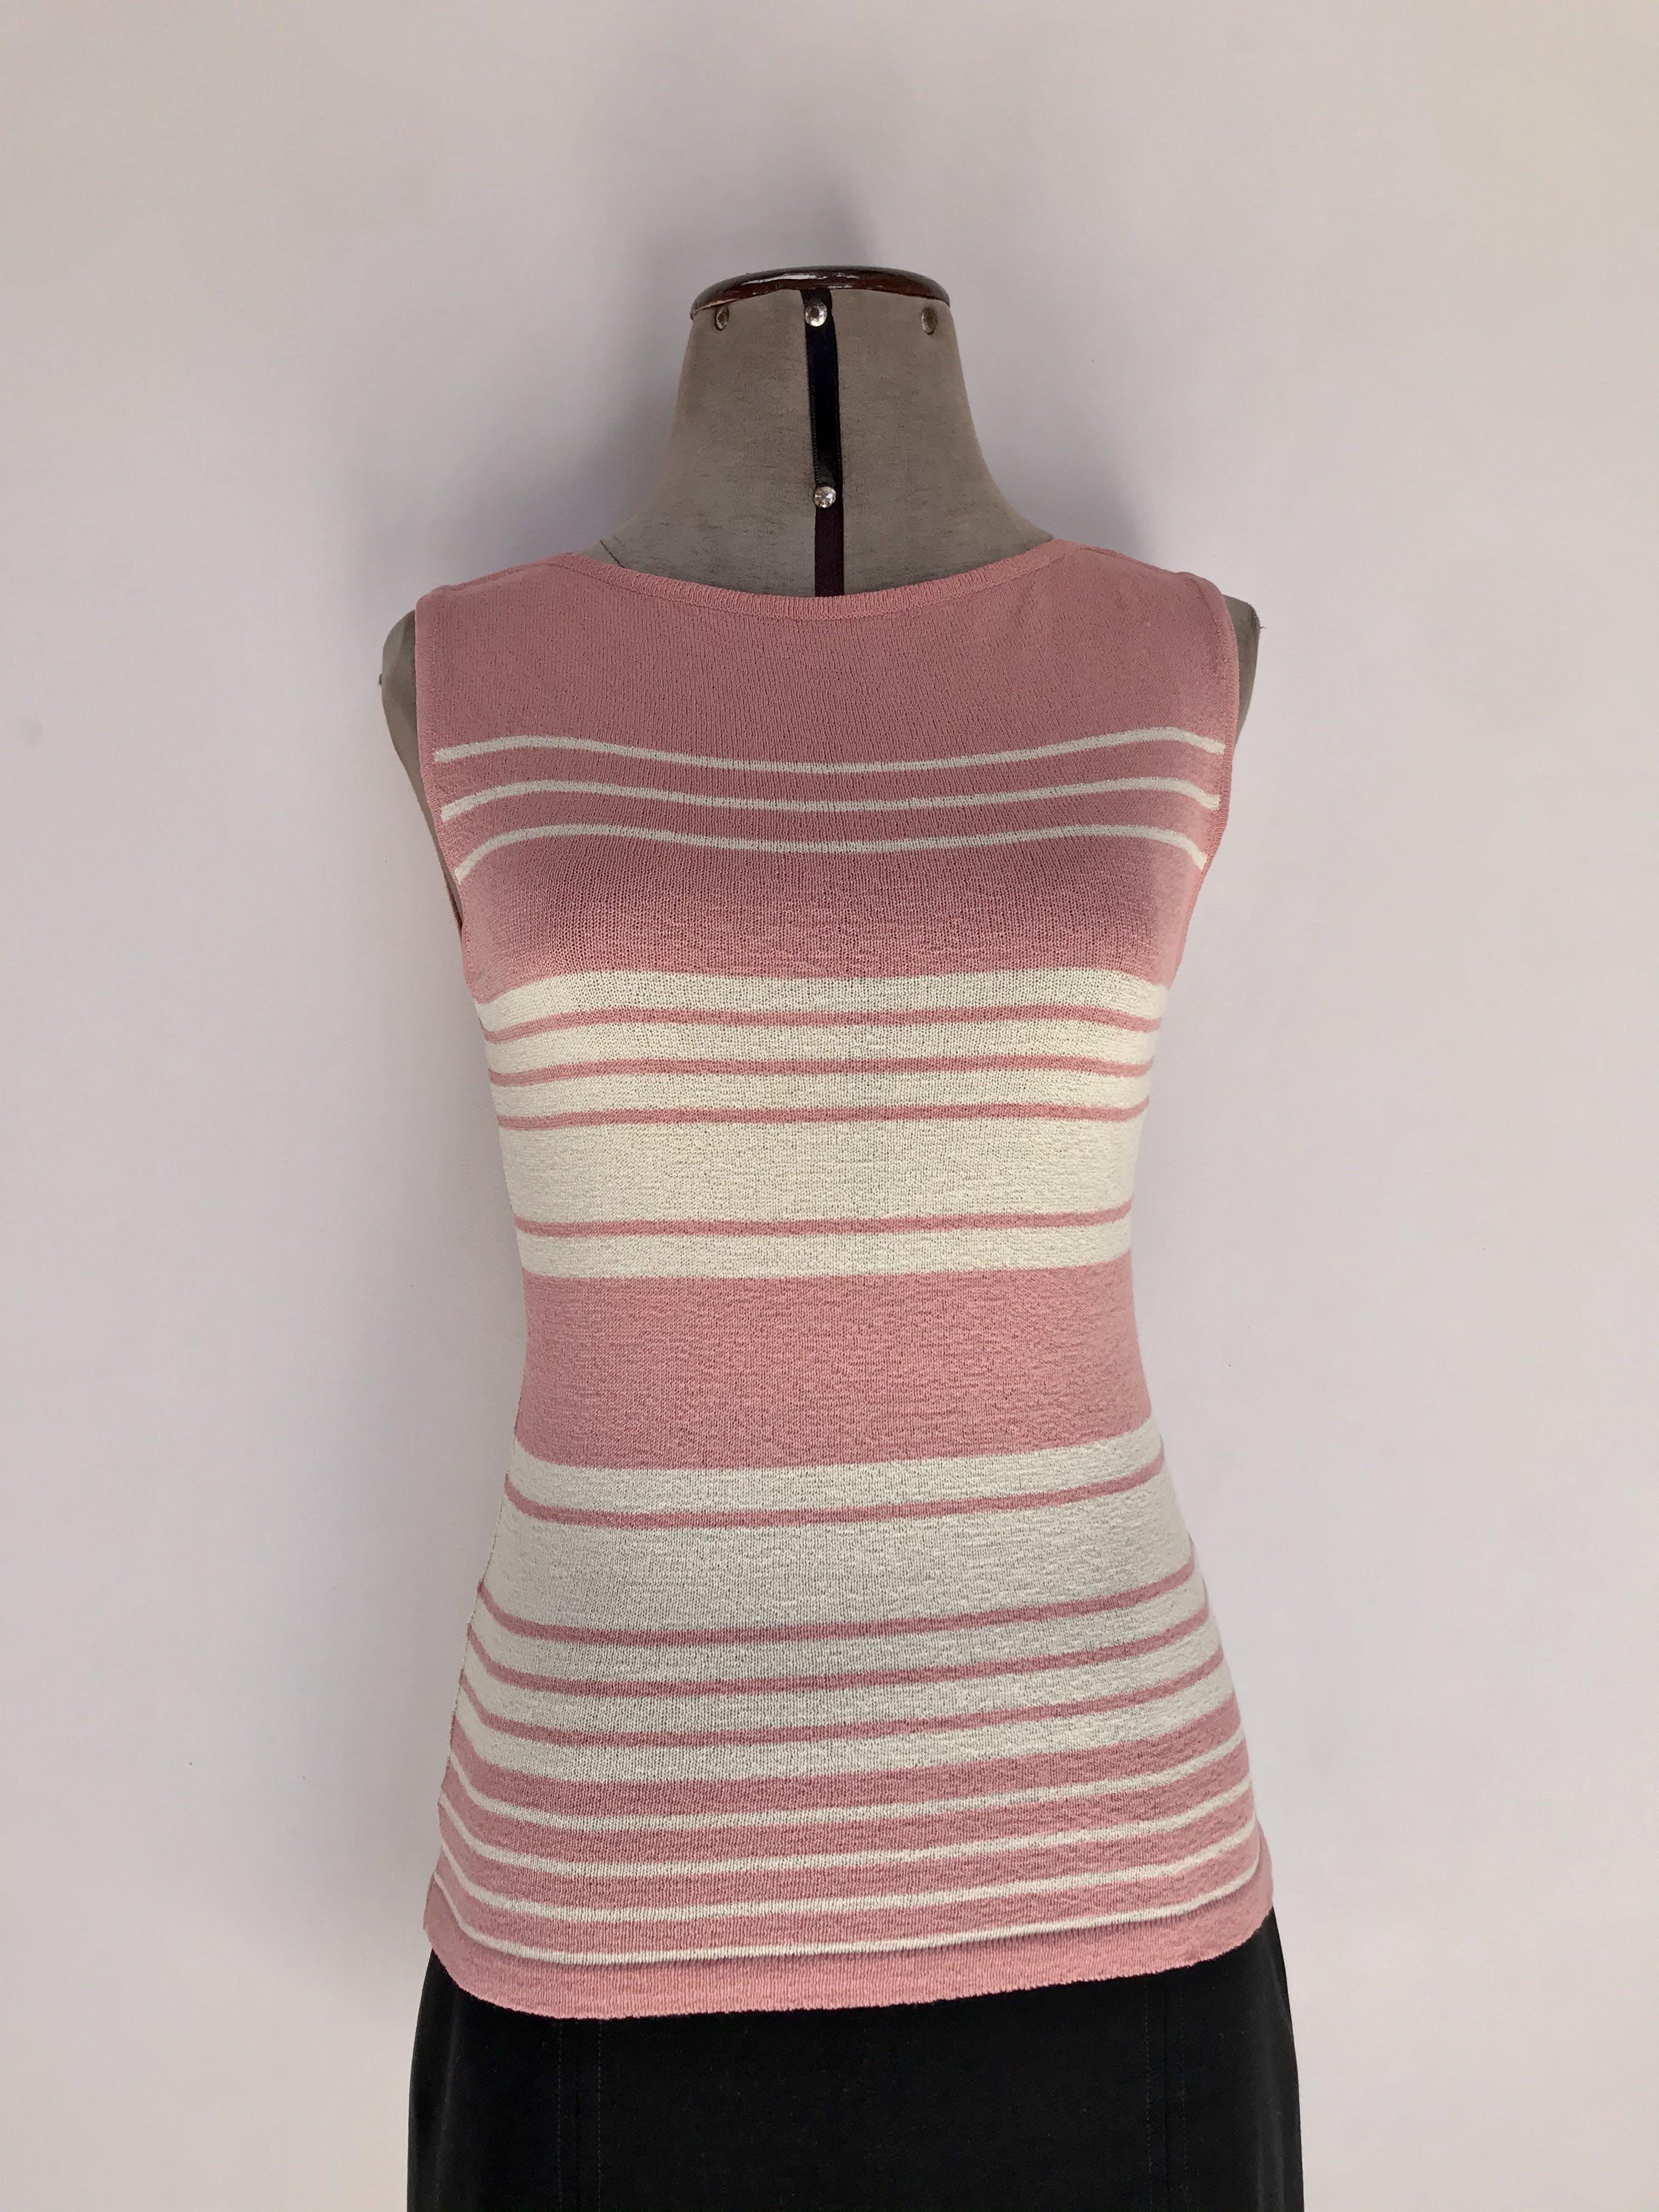 Polo Michelle Belau tejido de hilo en franjas crema y rosa Talla S